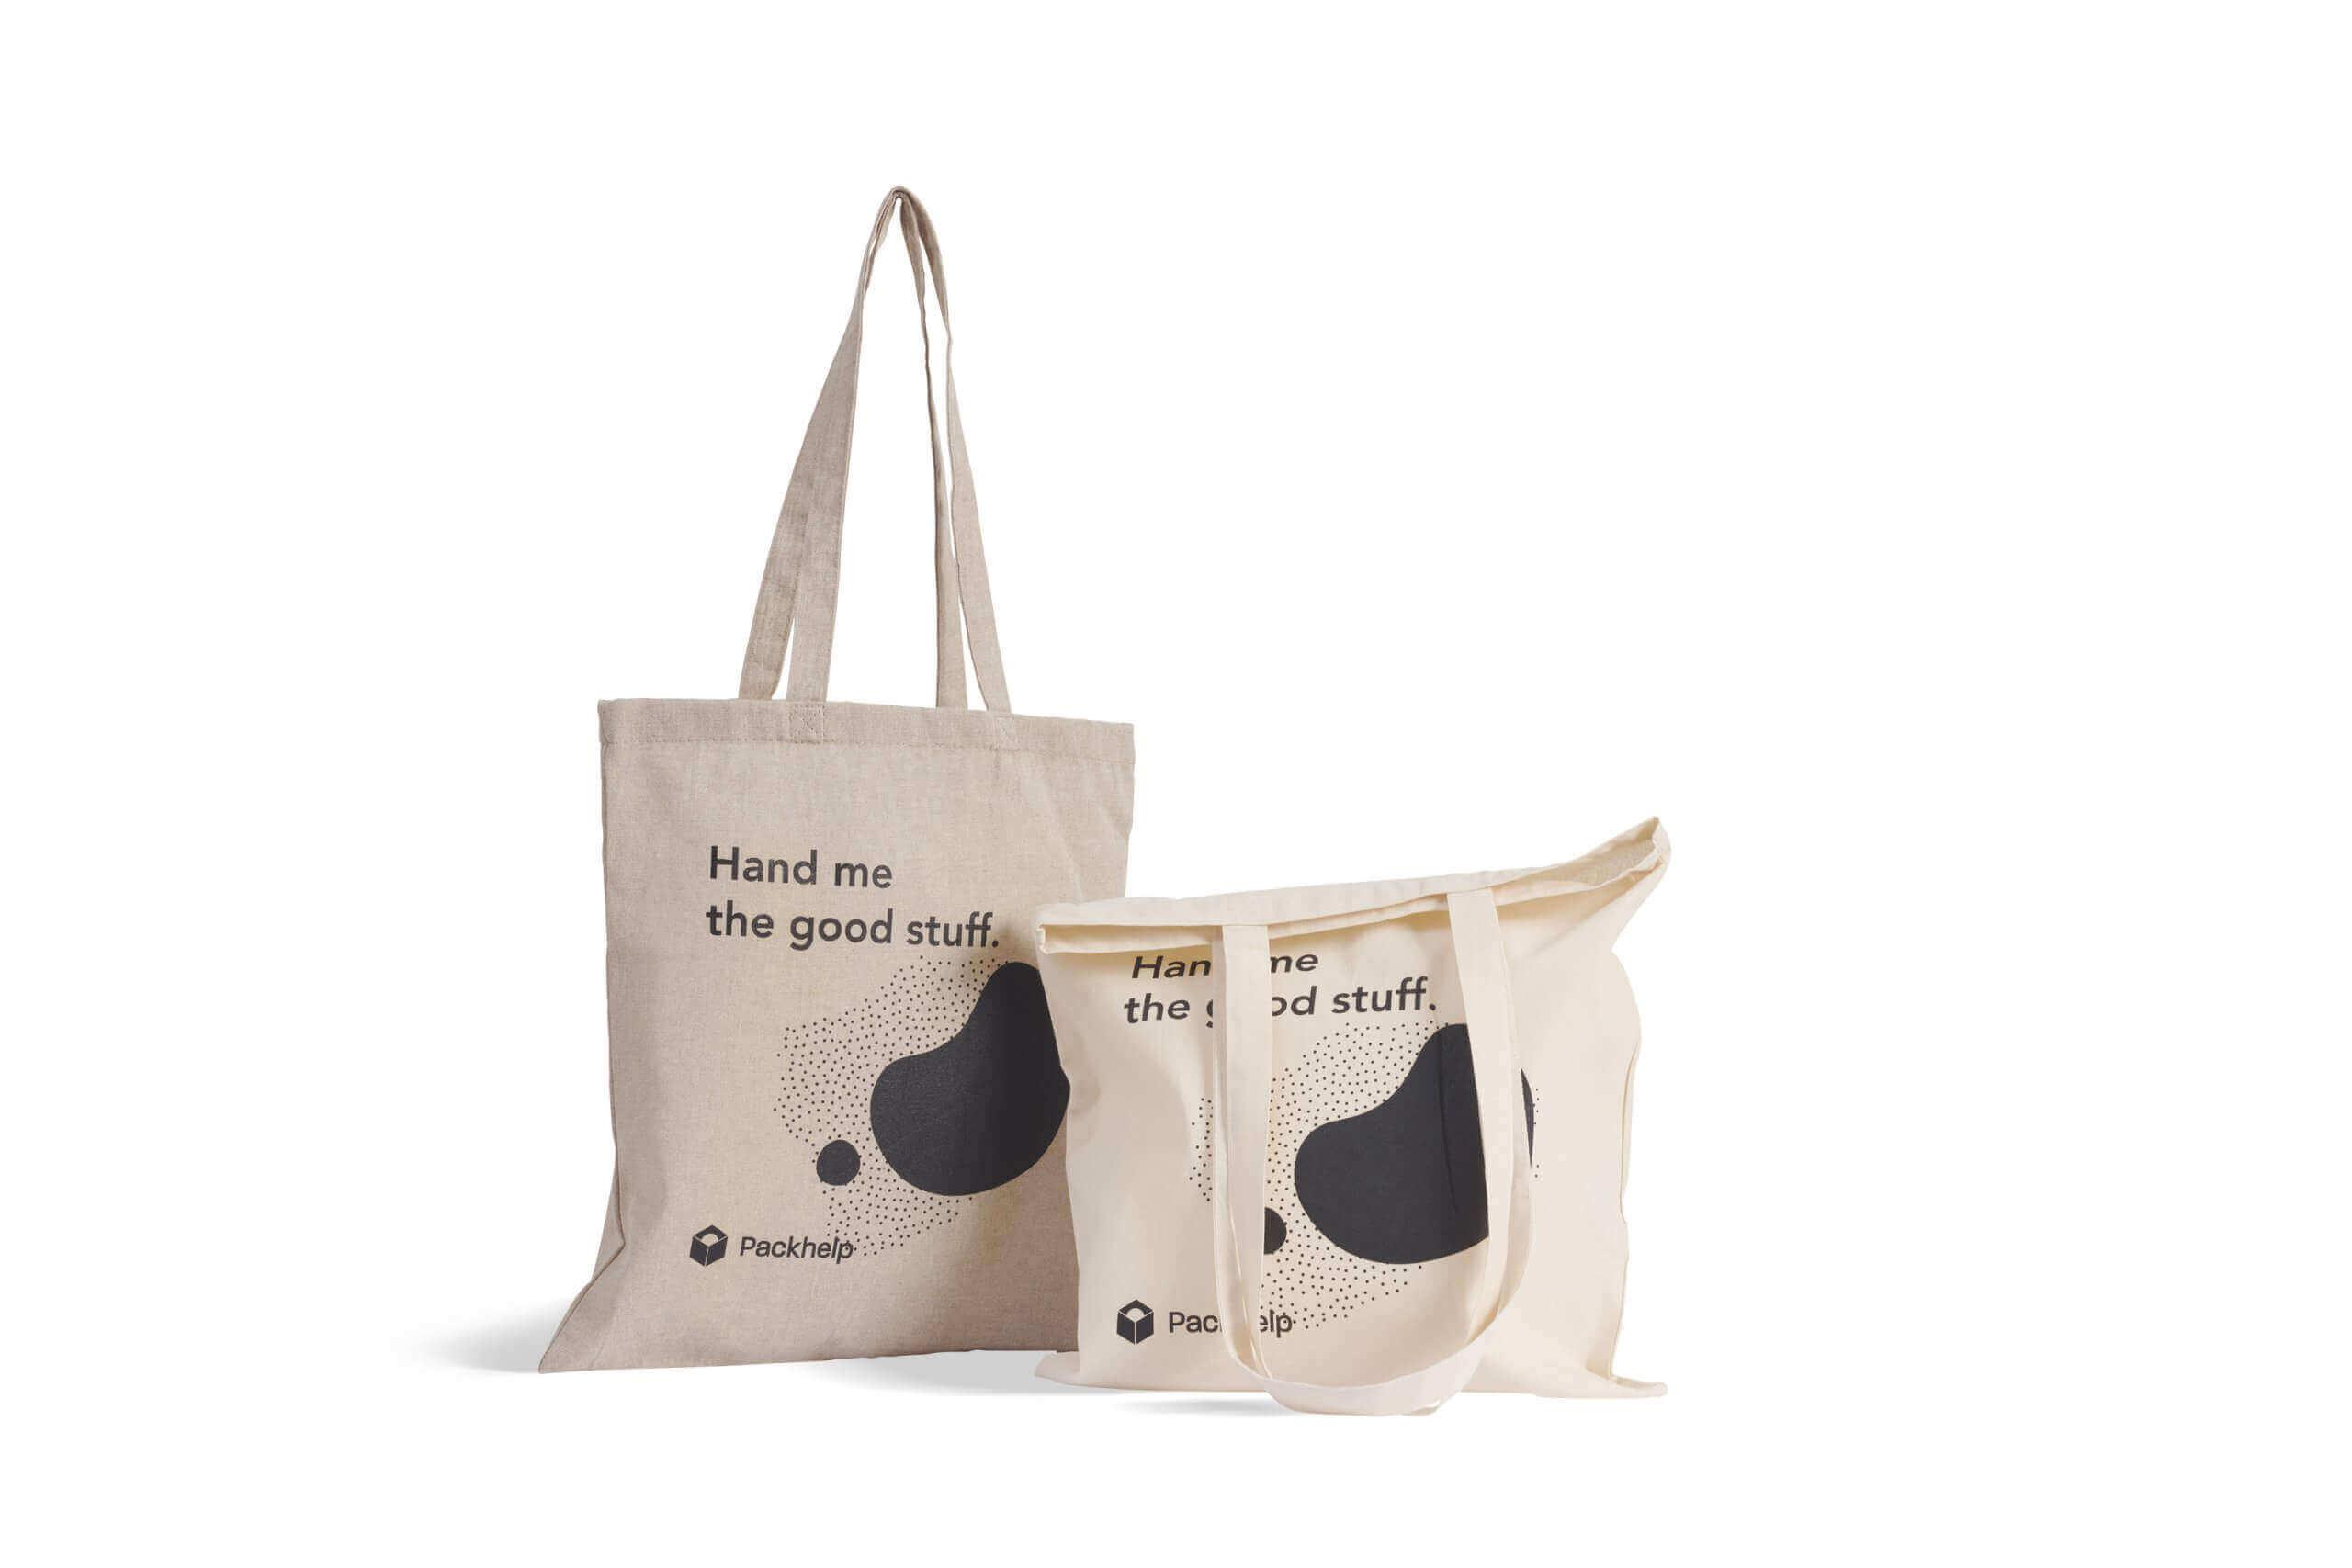 Tote bags avec impression noire